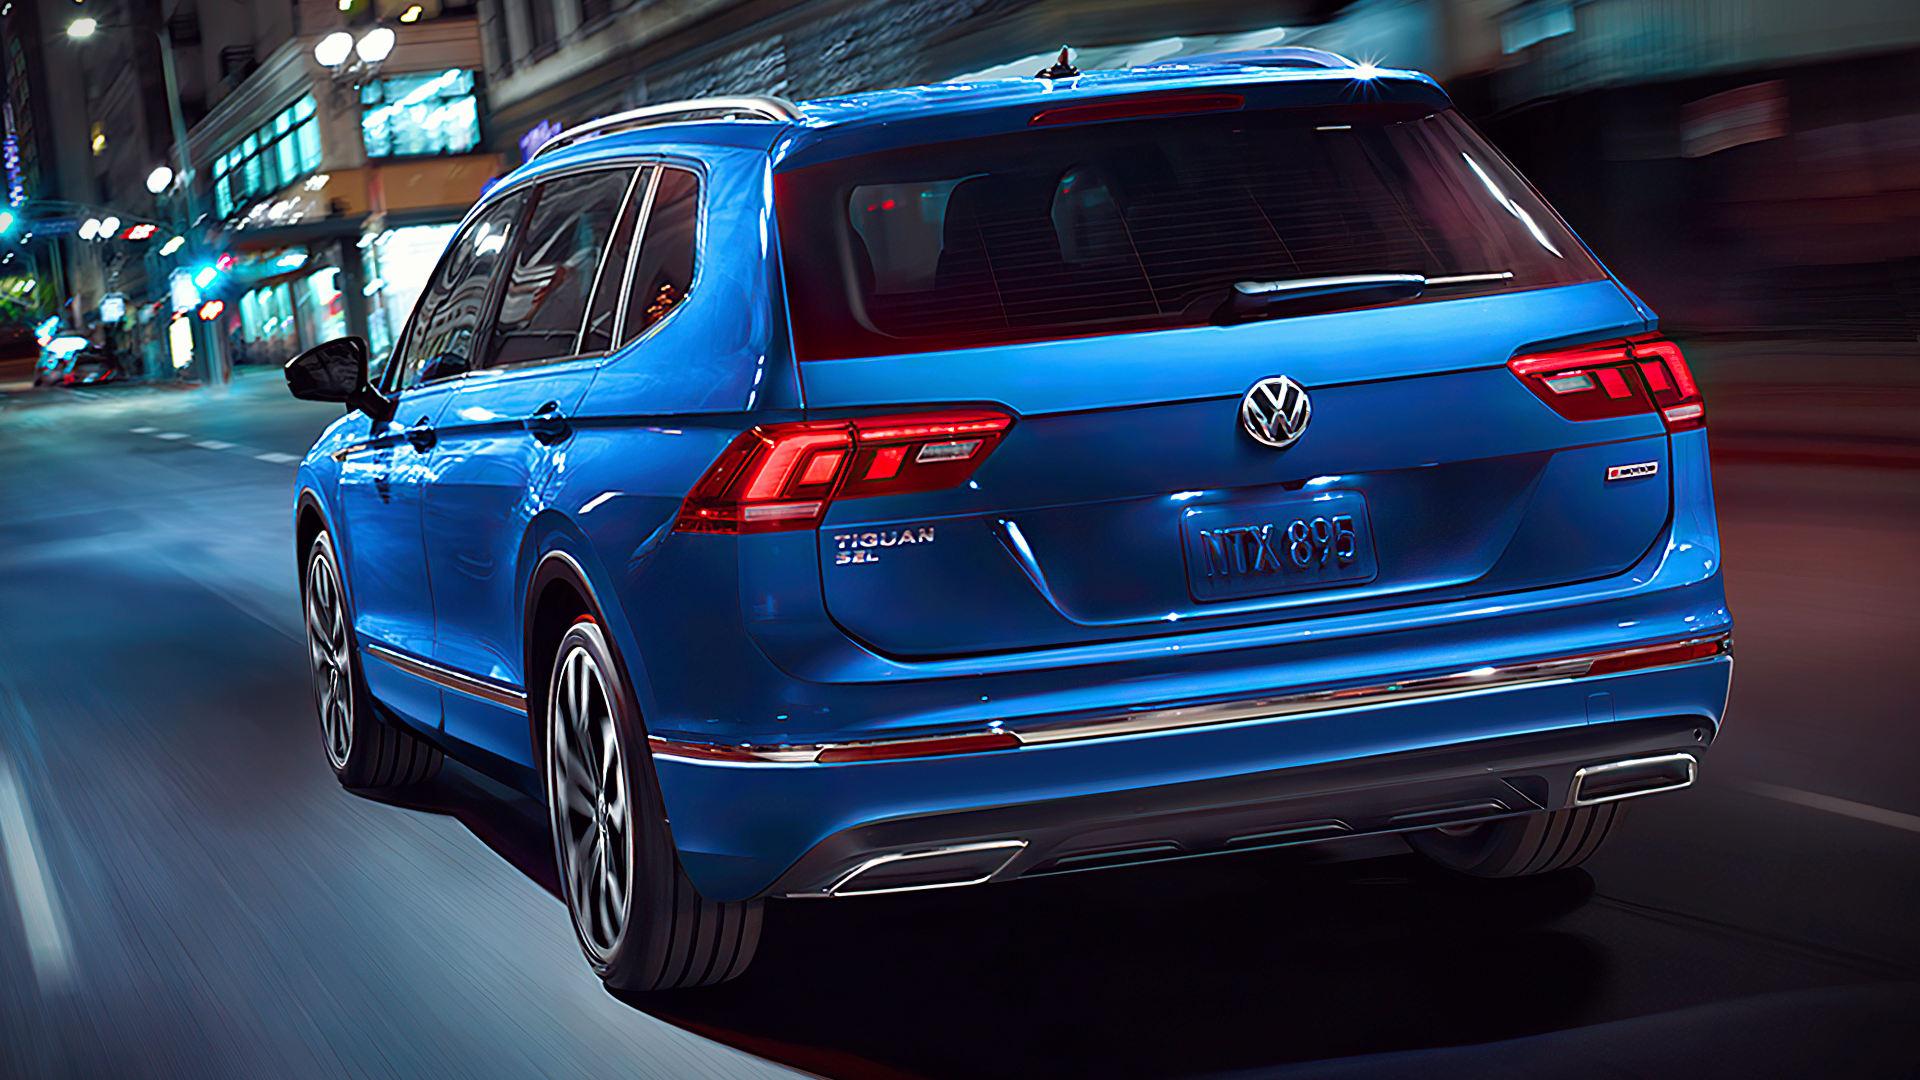 2020 Volkswagen Tiguan Images Wallpaper